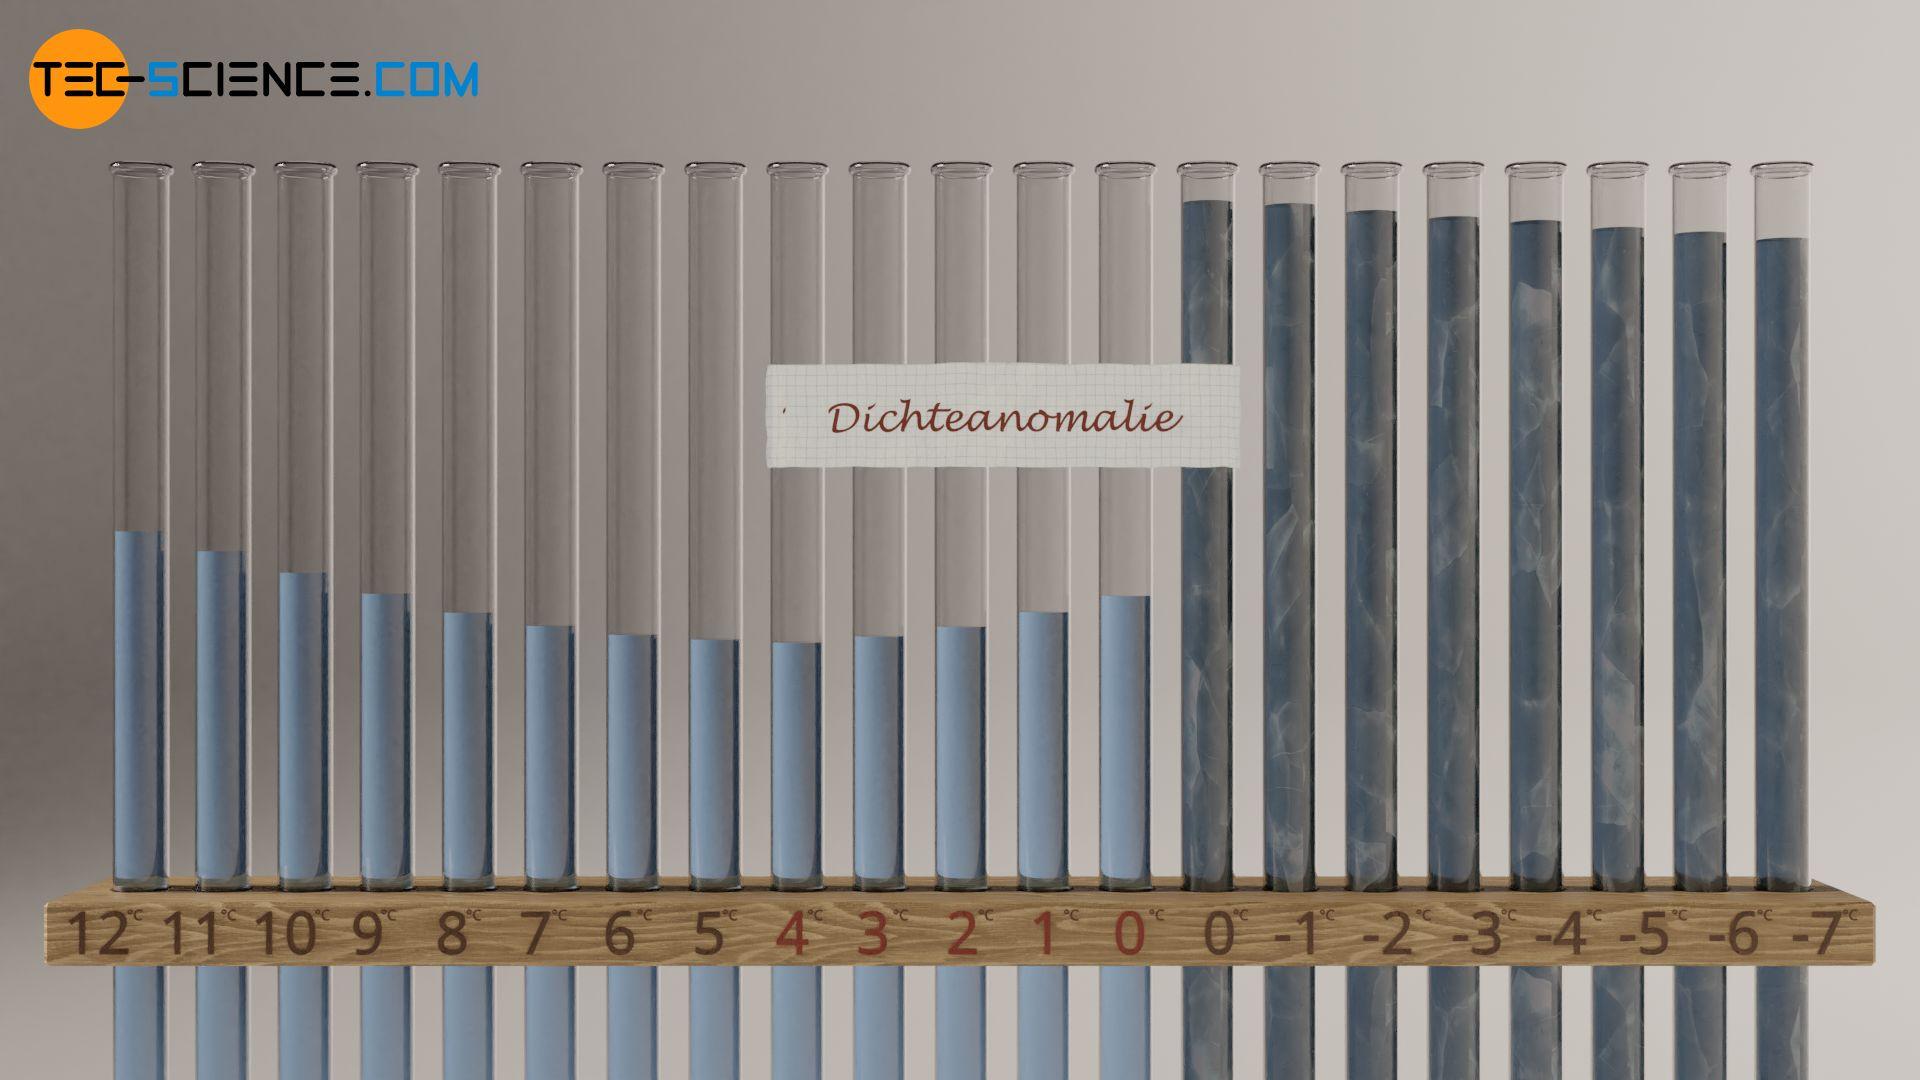 Dichteanomalie von Wasser im Bereich zwischen 4 °C und 0 °C